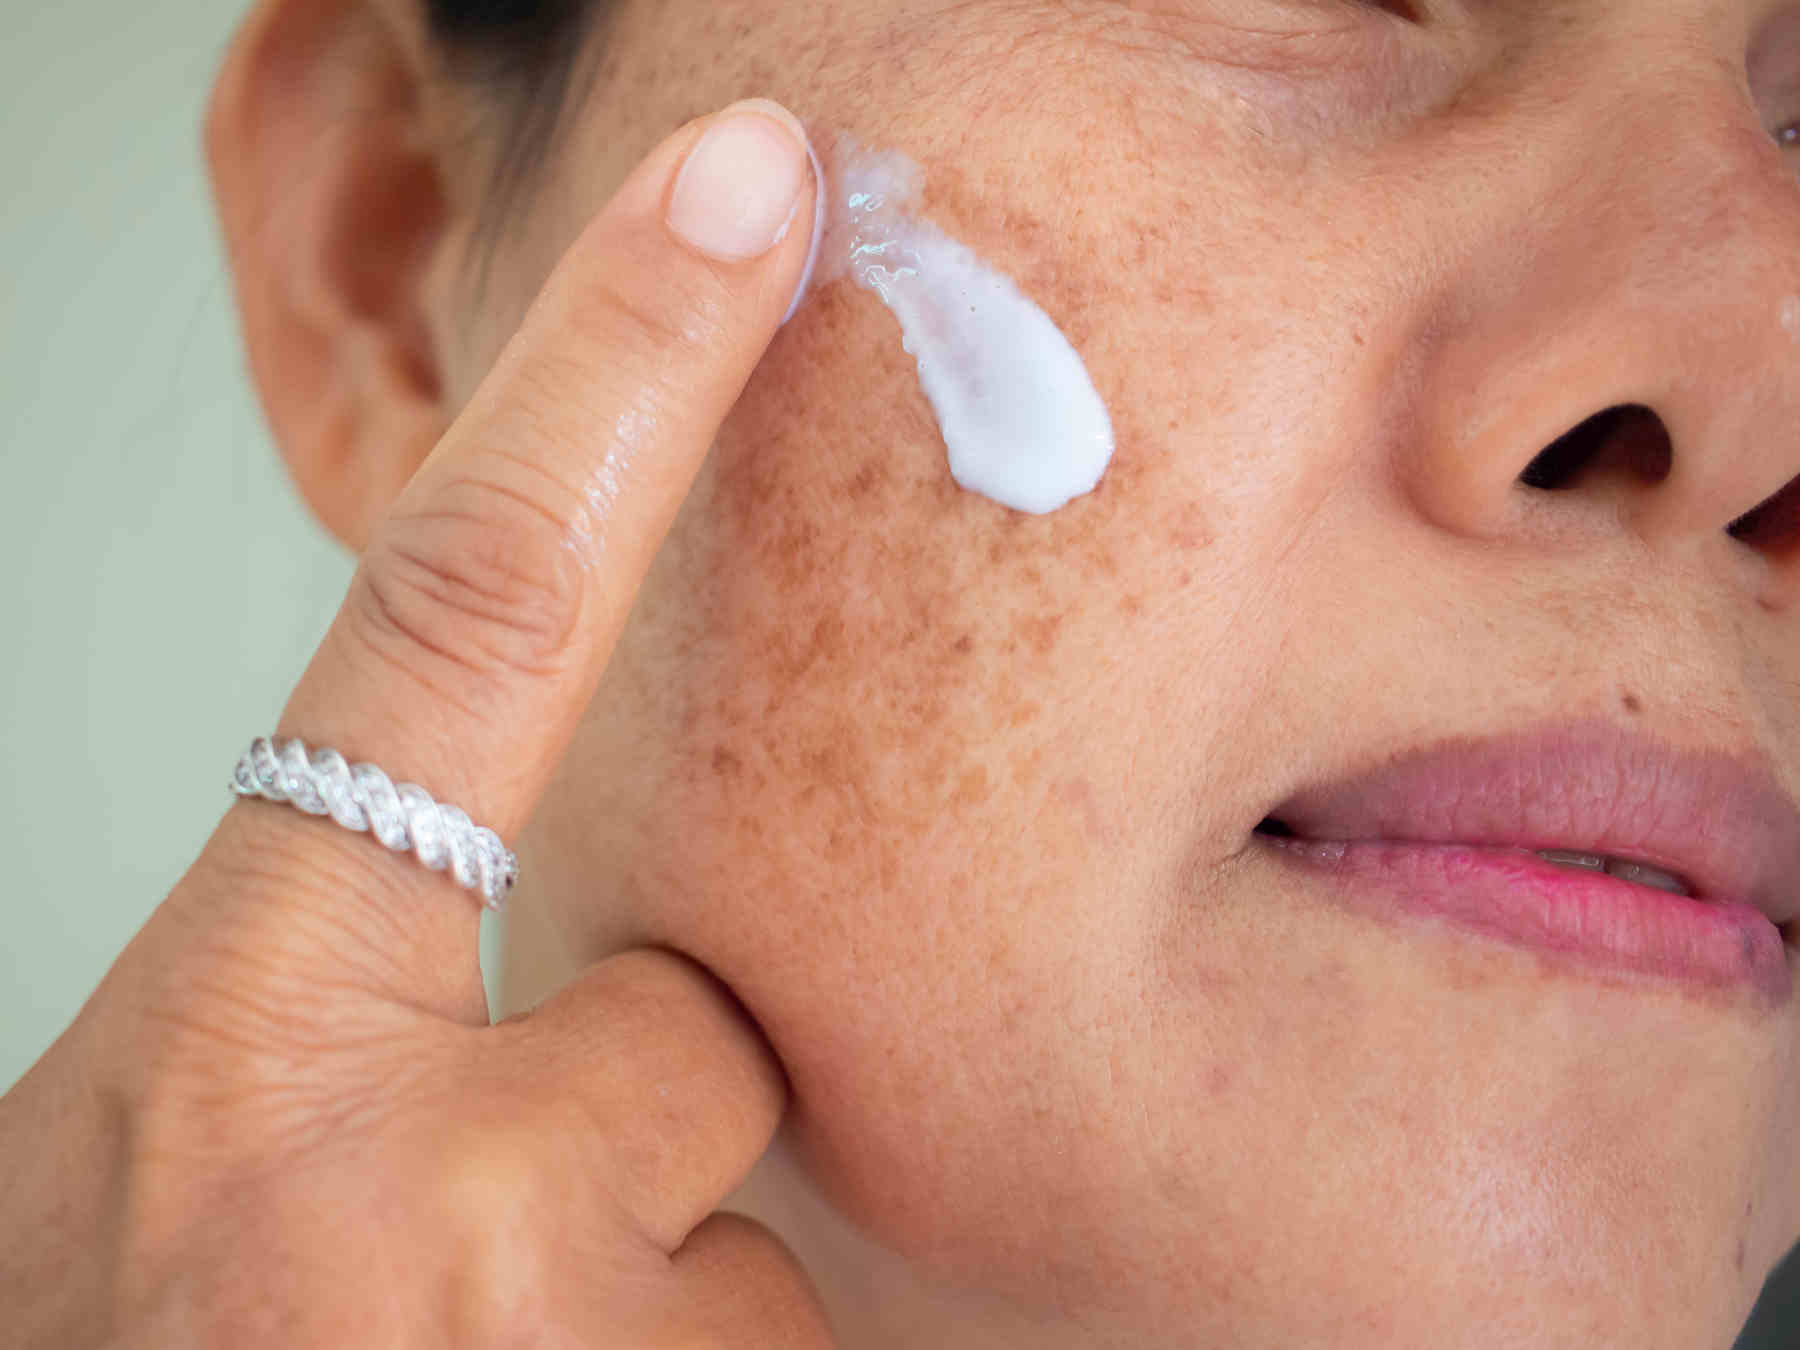 women applying cream on her face